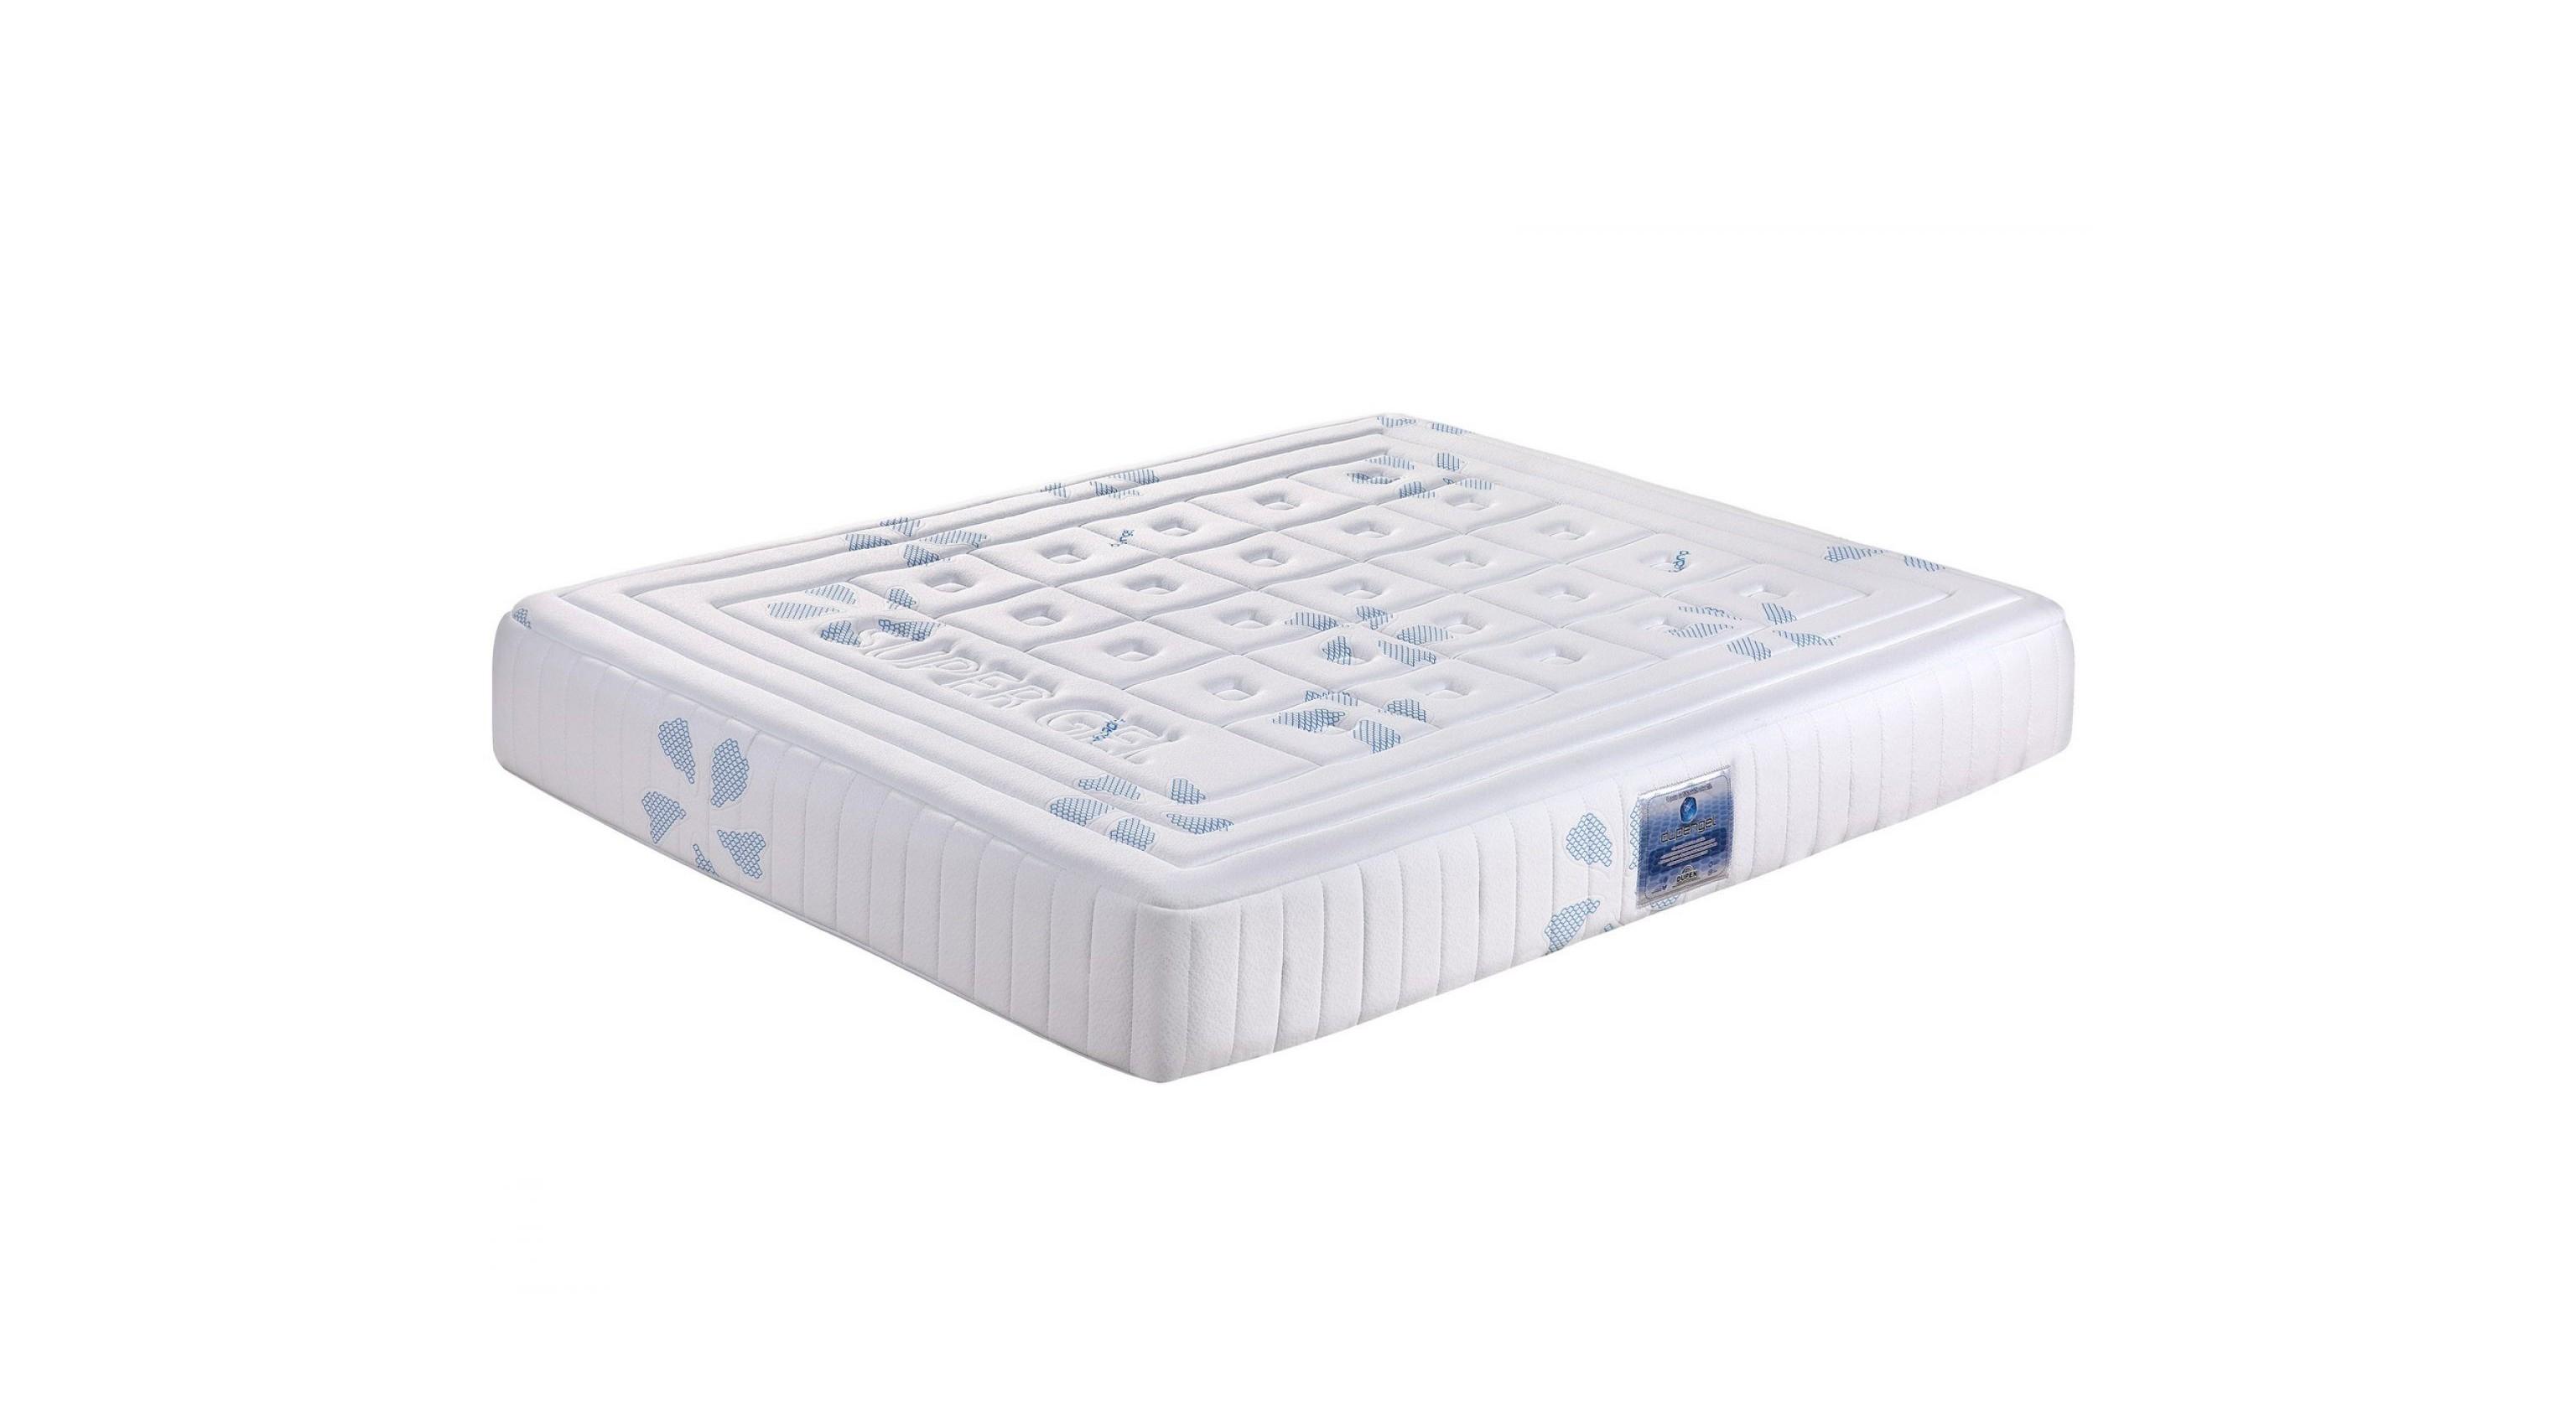 Матрас Dupen Super Gel (180*200)Беспружинные двуспальные матрасы<br>&amp;lt;div&amp;gt;Гель в ортопедическом матрасе обеспечивает охлаждающий эффект, уменьшая влажность кровати в целом. Он вентилирует и создает очень приятное чувство тепла по всей поверхности, где вы спите. Это помогает поддерживать равномерное распределение температуры тела. Он улучшает кровообращение, снимает точки давления тела, а также снимает боль в спине и шее. Матрас имеет специальную структуру в виде сот, с применением слоев с памятью и специальную эластичную обивку матраса. Гелевый ортопедический матрас с эффектом памяти широко используется в лечебной помощи в больницах по всему миру.&amp;amp;nbsp;&amp;lt;/div&amp;gt;&amp;lt;div&amp;gt;&amp;lt;br&amp;gt;&amp;lt;/div&amp;gt;&amp;lt;div&amp;gt;Технические подробности:&amp;amp;nbsp;&amp;lt;/div&amp;gt;&amp;lt;div&amp;gt;Высокое качество эластичной ткани&amp;amp;nbsp;&amp;lt;/div&amp;gt;&amp;lt;div&amp;gt;Эластичное покрытие, эффект антивлага, антиклещ&amp;amp;nbsp;&amp;lt;/div&amp;gt;&amp;lt;div&amp;gt;Слой геля и латекса с эффектом памяти (мемори форм)&amp;lt;/div&amp;gt;&amp;lt;div&amp;gt;Материал: Латекс, гель, memory foam, пенополиуретан.&amp;lt;/div&amp;gt;&amp;lt;div&amp;gt;&amp;lt;br&amp;gt;&amp;lt;/div&amp;gt;&amp;lt;div&amp;gt;Преимущества матраса:&amp;amp;nbsp;&amp;lt;/div&amp;gt;&amp;lt;div&amp;gt;Охлаждающий эффект&amp;amp;nbsp;&amp;lt;/div&amp;gt;&amp;lt;div&amp;gt;Равномерное распределение температуры тела&amp;amp;nbsp;&amp;lt;/div&amp;gt;&amp;lt;div&amp;gt;Улучшение кровообращения&amp;amp;nbsp;&amp;lt;/div&amp;gt;&amp;lt;div&amp;gt;Уменьшает давление в болевых точках тела&amp;amp;nbsp;&amp;lt;/div&amp;gt;&amp;lt;div&amp;gt;Больше не надо ворочаться чтобы заснуть&amp;amp;nbsp;&amp;lt;/div&amp;gt;&amp;lt;div&amp;gt;Снимает боль в спине и шее&amp;amp;nbsp;&amp;lt;/div&amp;gt;&amp;lt;div&amp;gt;Оптимальная поддержка спины и положения тела&amp;amp;nbsp;&amp;lt;/div&amp;gt;&amp;lt;div&amp;gt;Облегчение боли, вызванные артритом и ревма